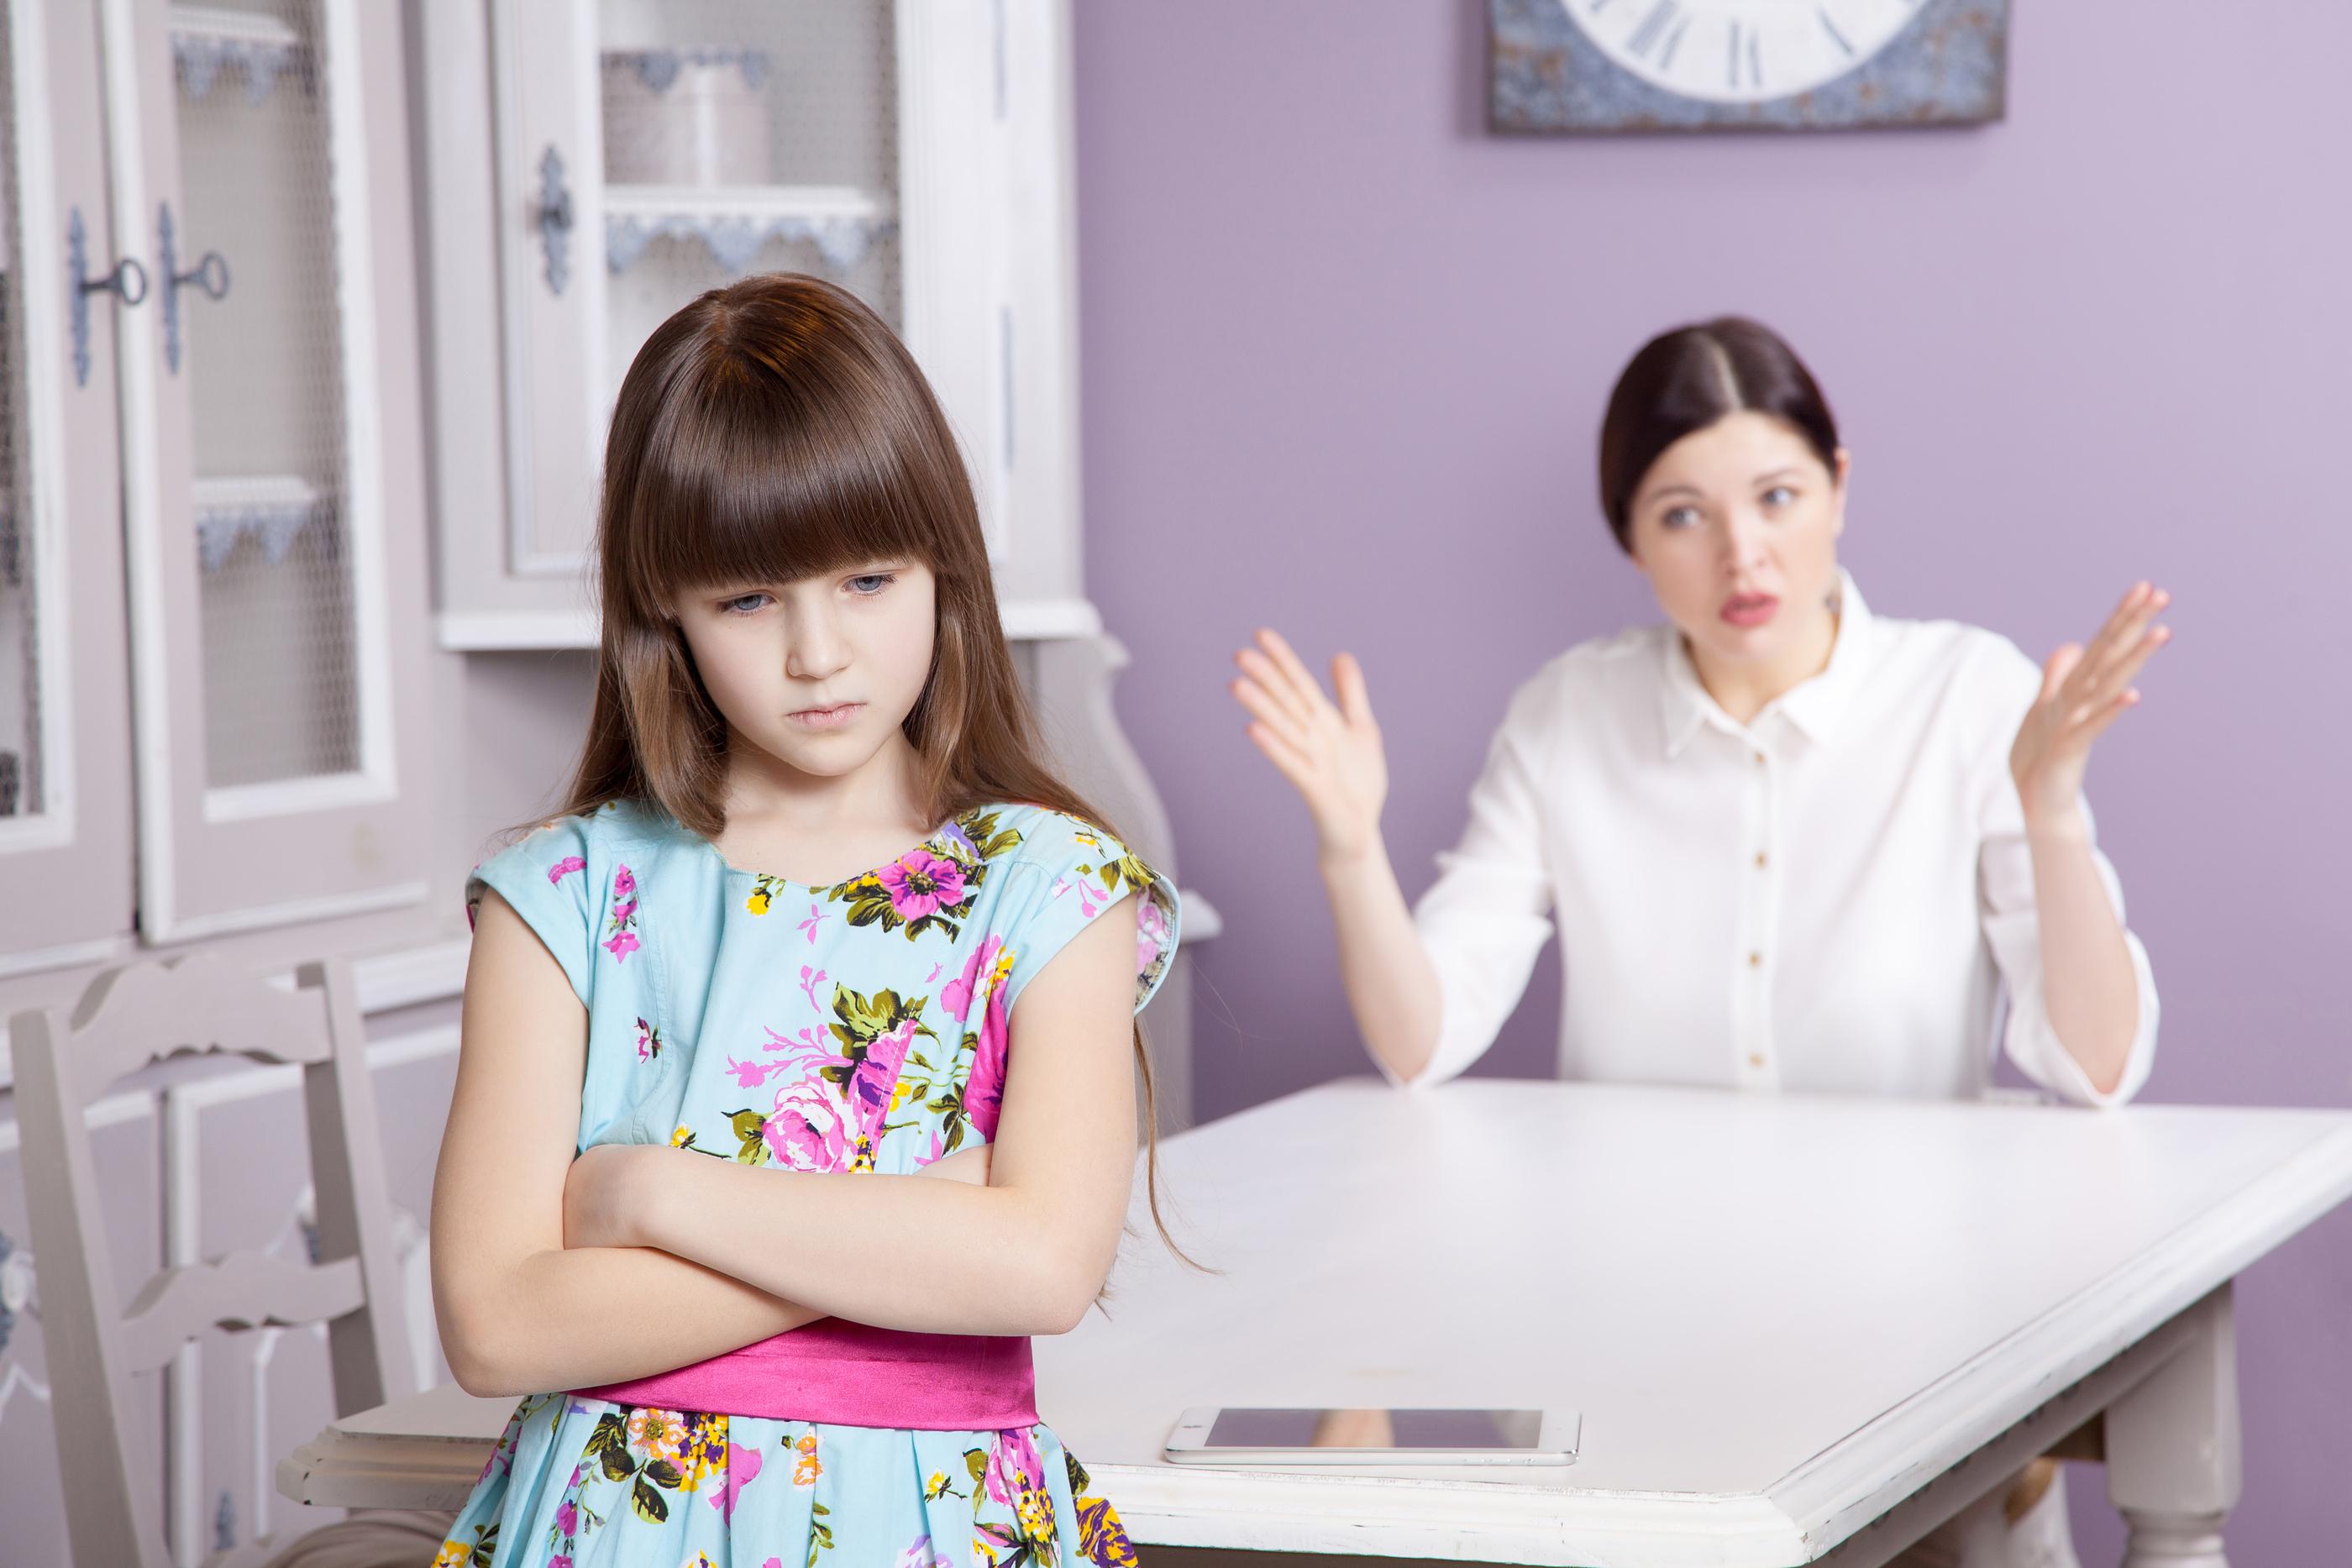 Un consejo fácil para no dañar el autoestima de tus hijos – Disciplina Positiva